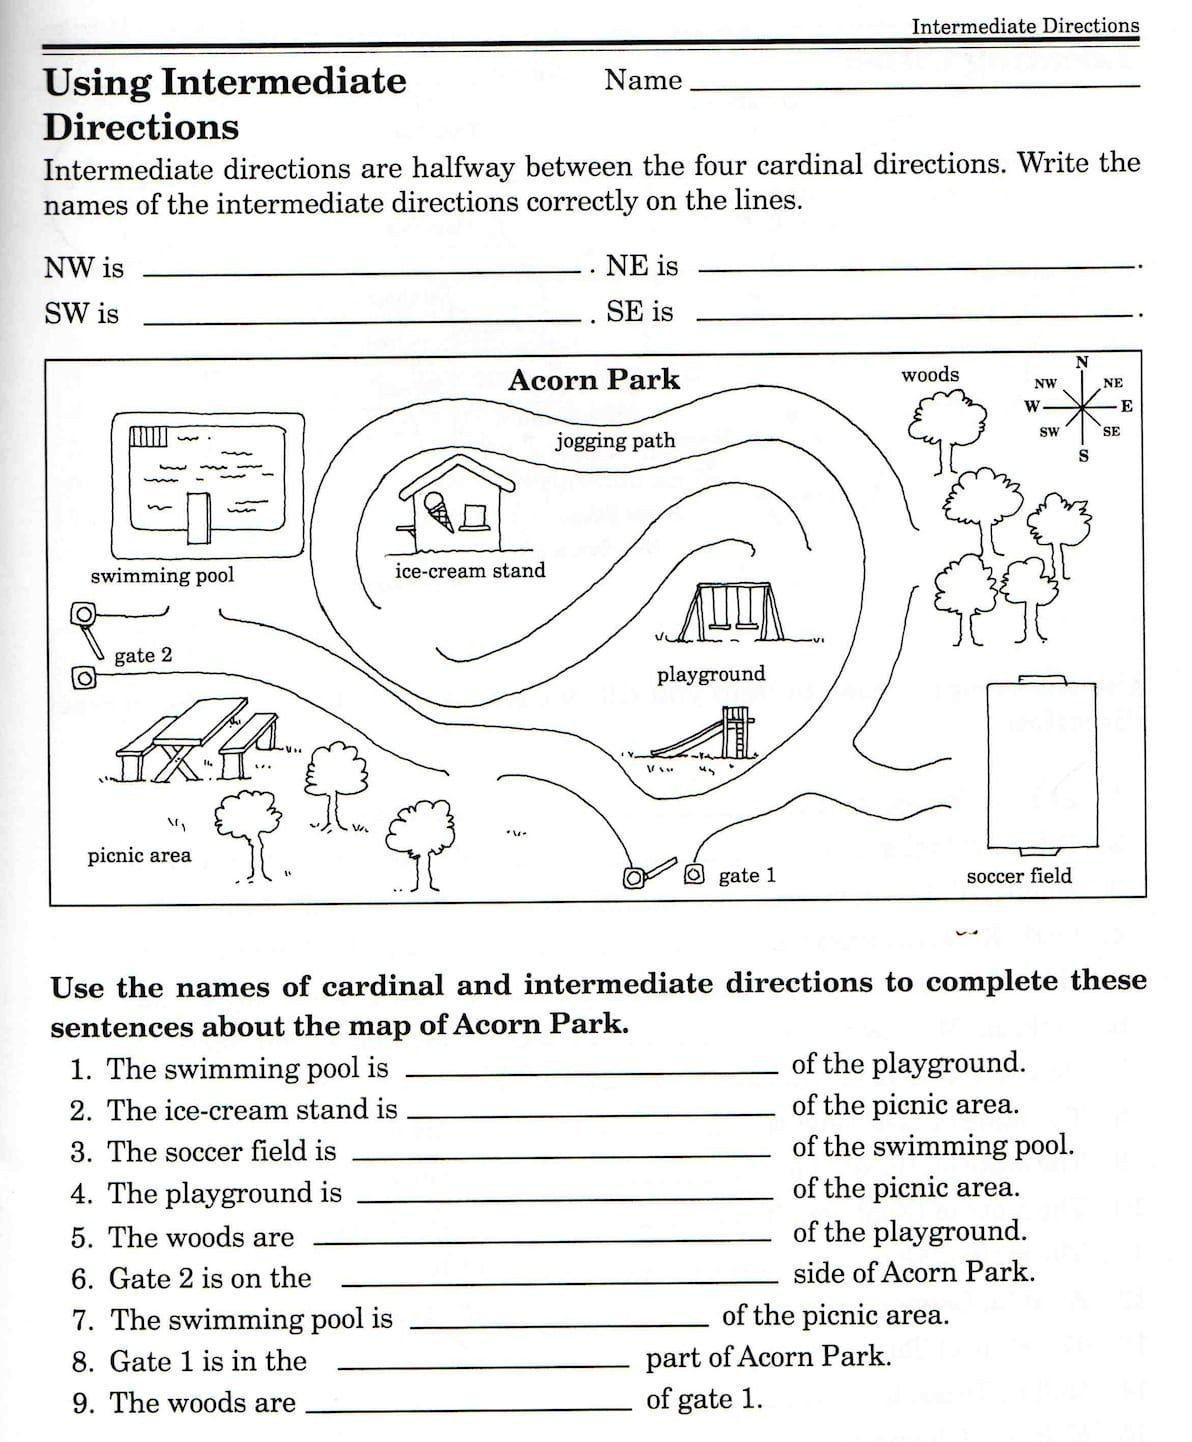 Compass Rose Worksheet 3rd Grade Second Grade Map Skills Worksheets Map Skills Worksheets 3rd In 2020 Map Skills Worksheets Geography Worksheets Map Skills